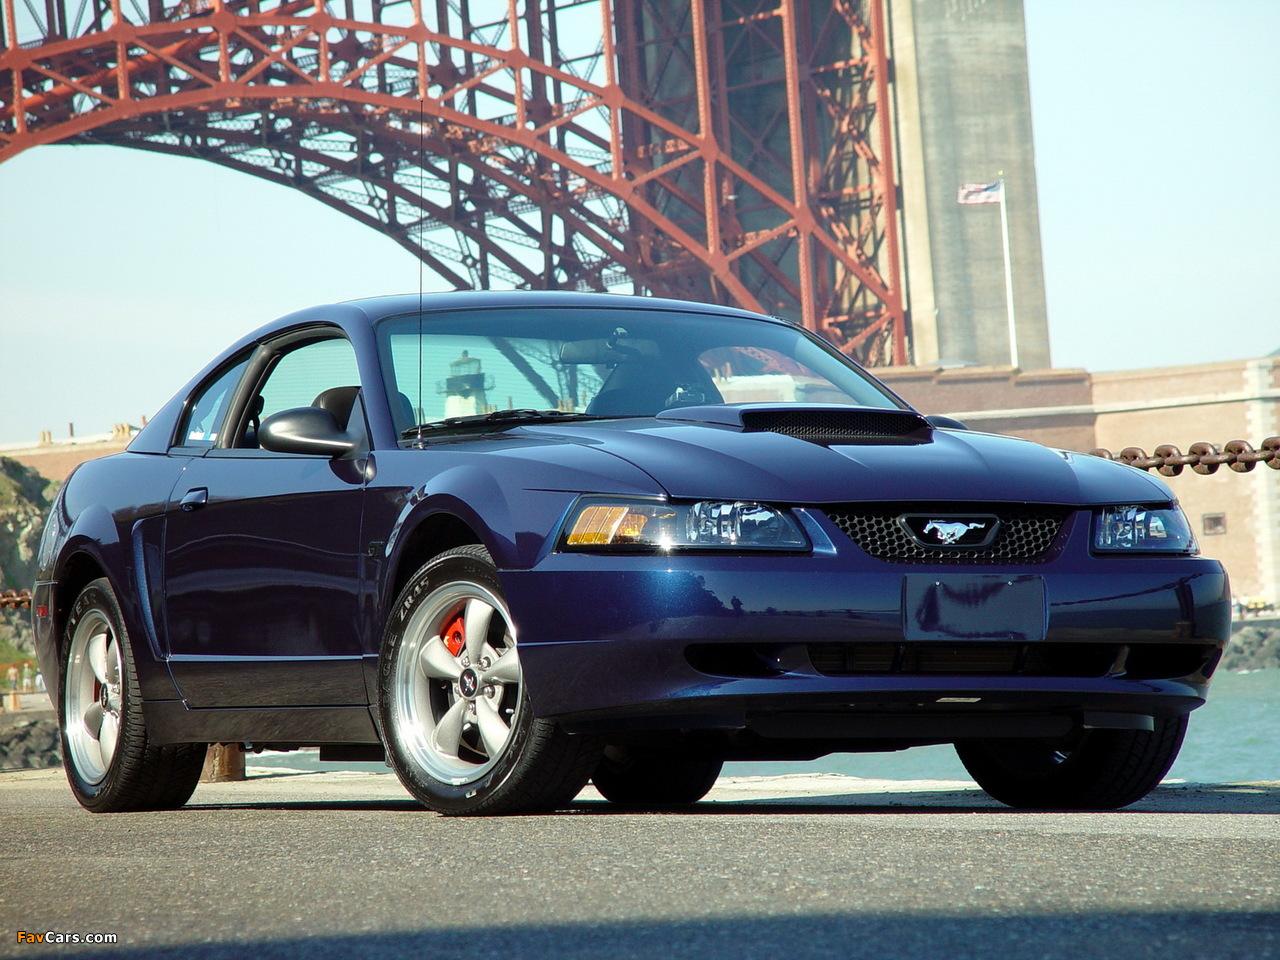 Mustang Bullitt Gt 2001 Wallpapers 1280x960